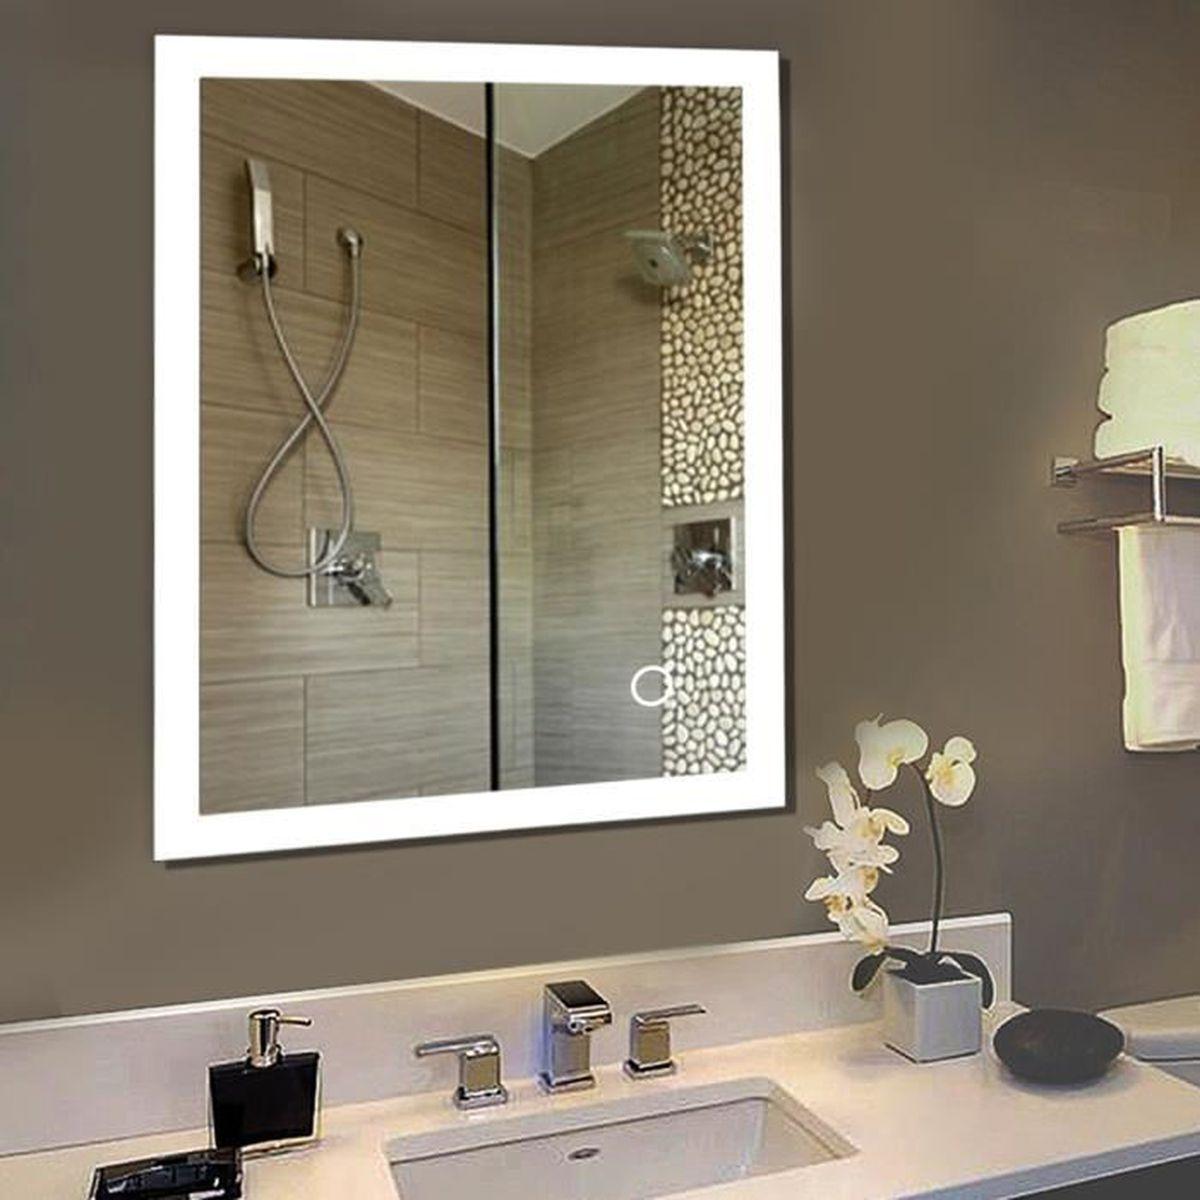 Salle de bain blanche et noire - Vente privee deco maison ...